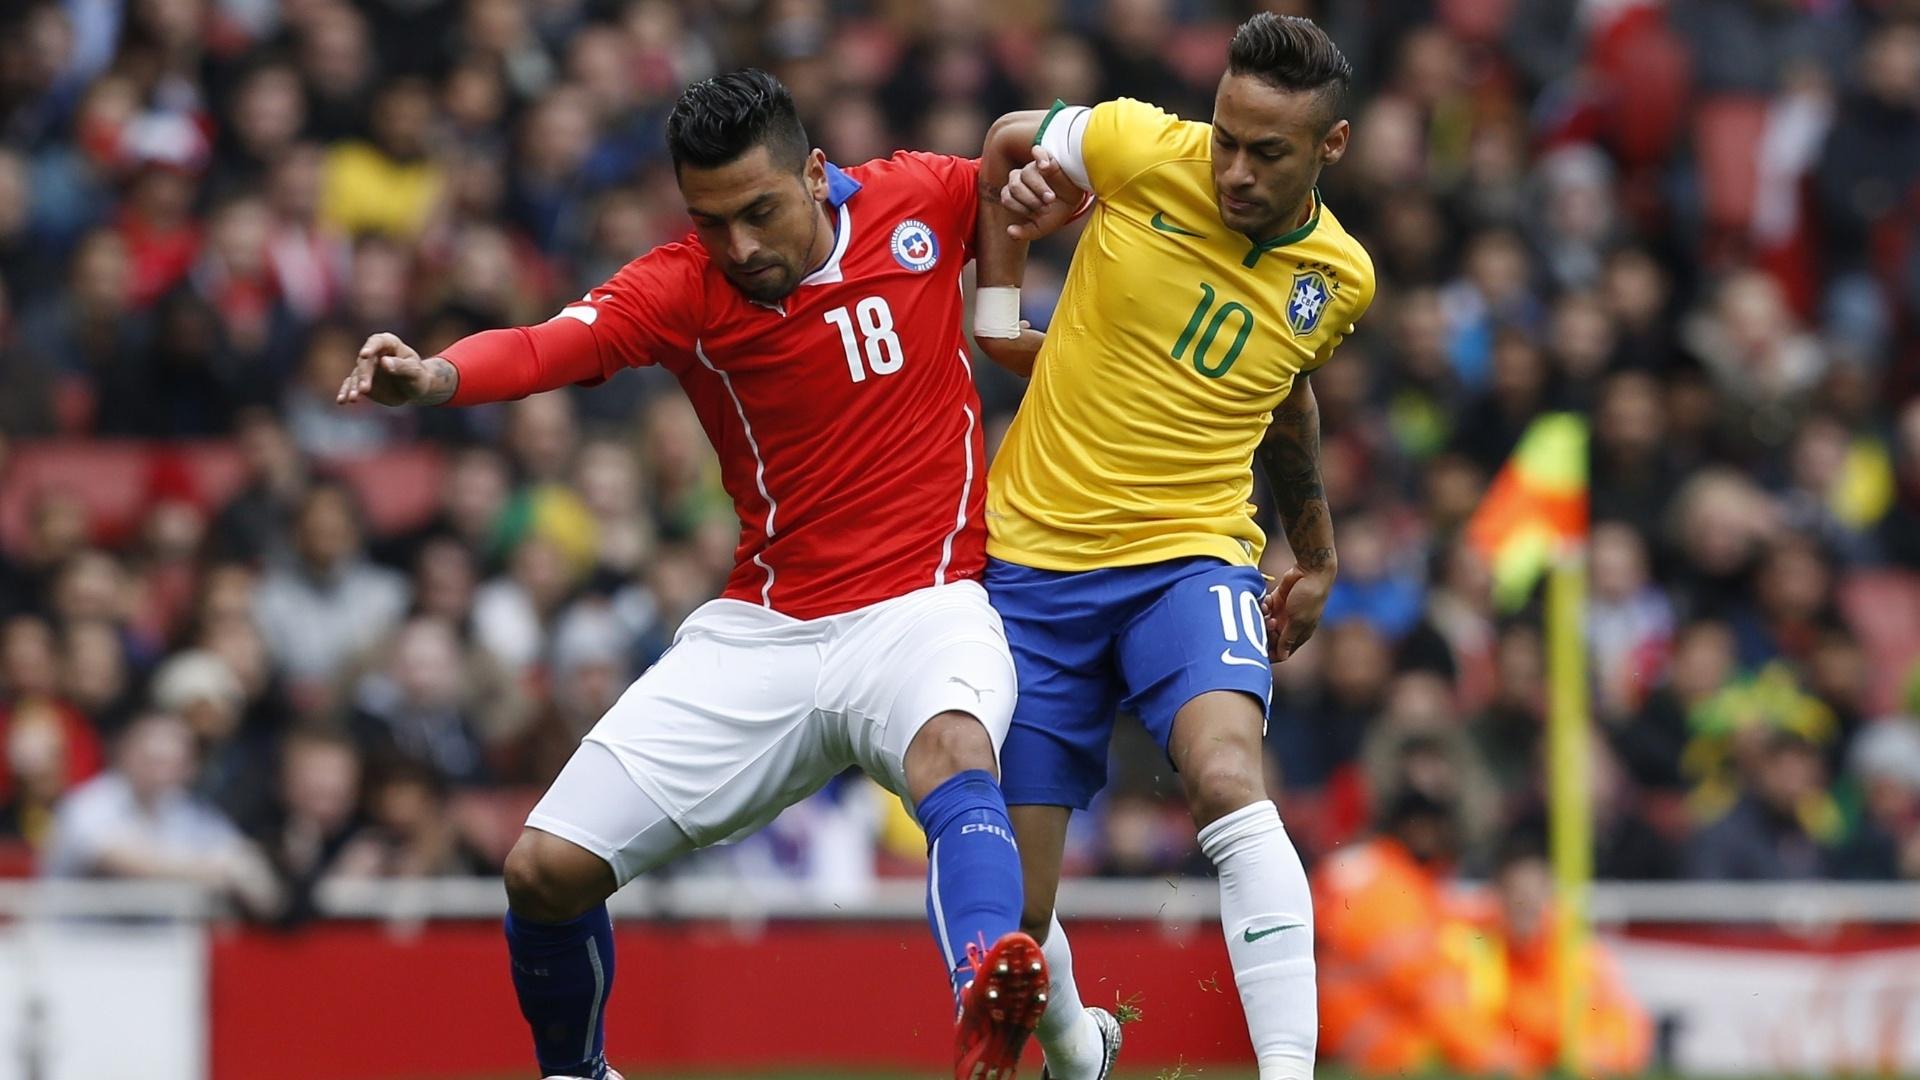 29.mar.2015 - Neymar disputa jogada com Jara, do Chile, em amistoso no Emirates Stadium